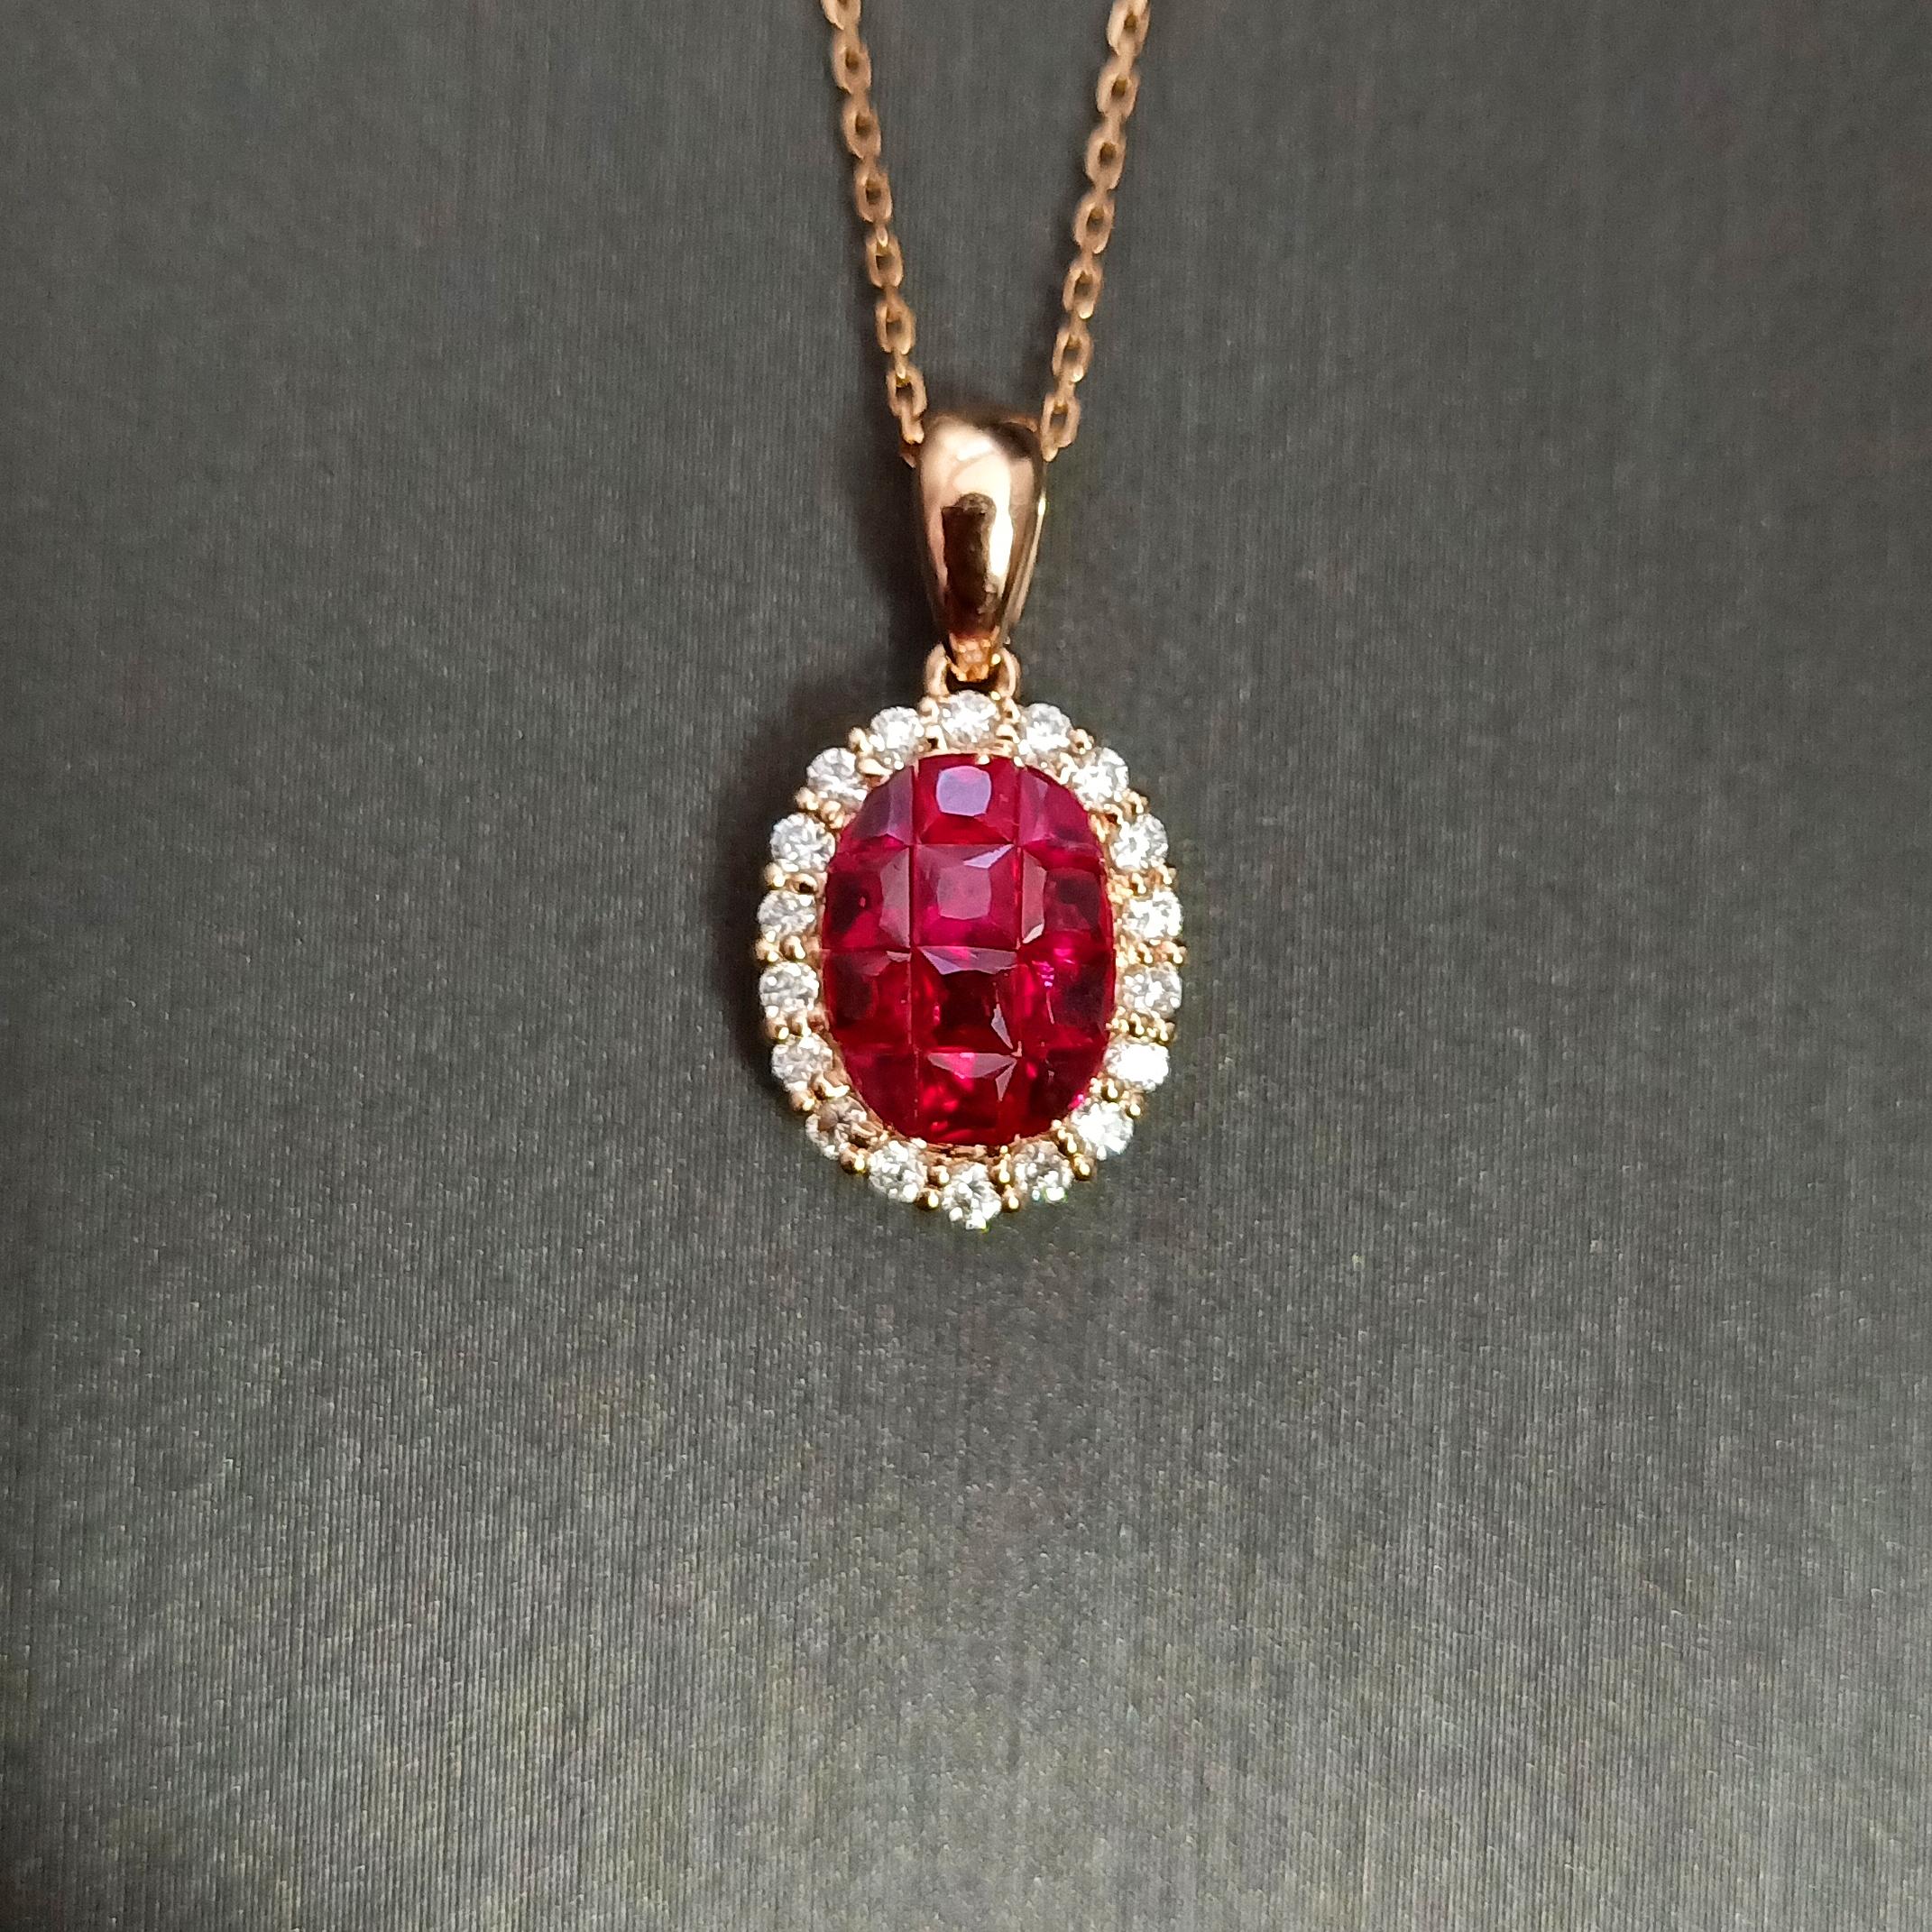 【吊坠】18K金+红宝石+钻石 宝石颜色纯正 主石:0.750ct/12P 货重:1.77g